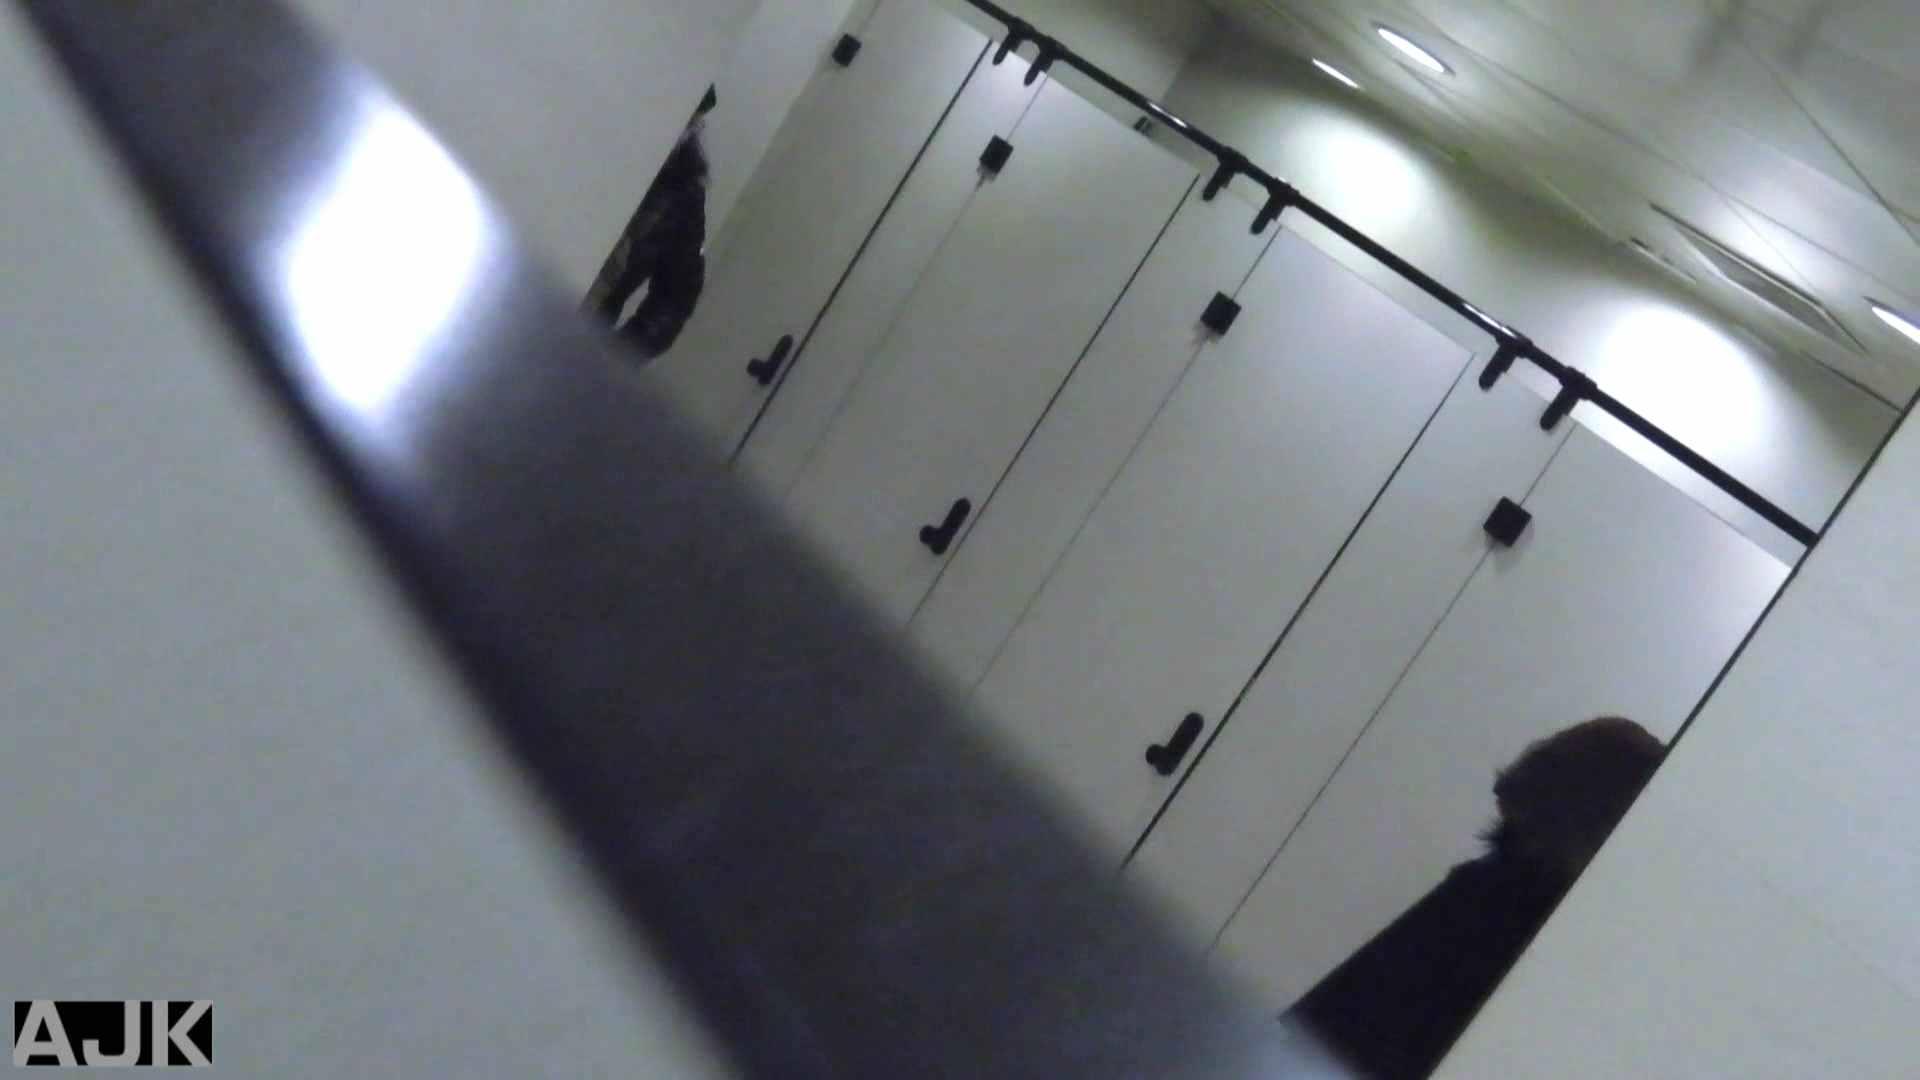 隣国上階級エリアの令嬢たちが集うデパートお手洗い Vol.29 女子トイレ  108枚 77